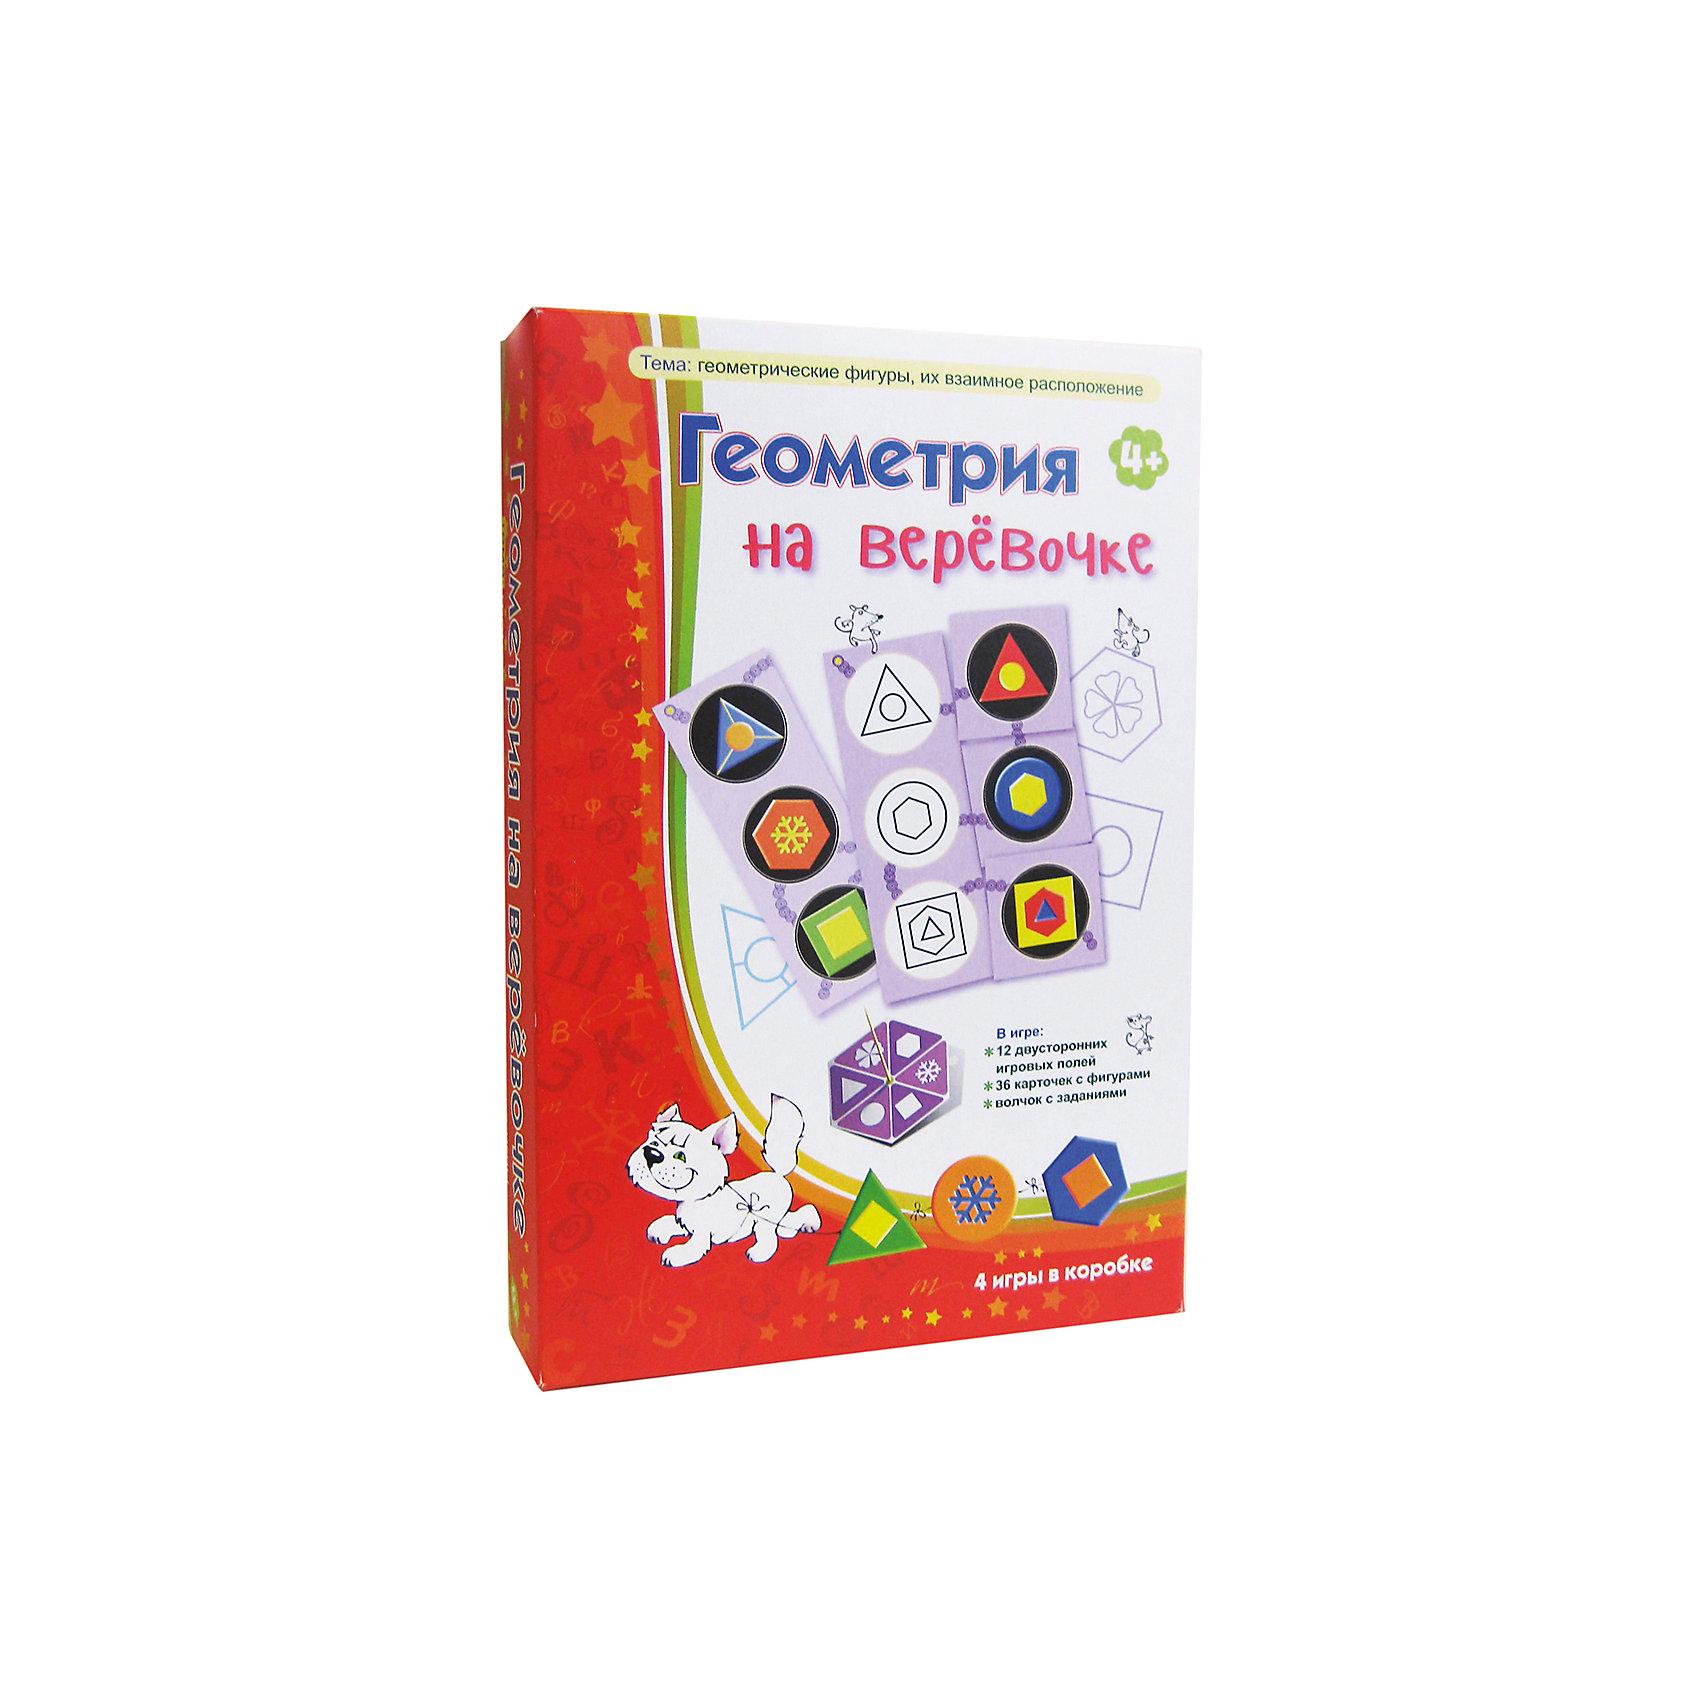 Геометрия на верёвочке, Игротека Татьяны БарчанЛото<br>Геометрия на верёвочке, Игротека Татьяны Барчан.<br><br>Характеристики:<br><br>• Для детей в возрасте: от 4 до 6 лет<br>• В комплекте: 12 двухсторонних игровых полей, 36 карточек с цветными фигурками, волчок с заданиями для дополнительных вариантов игры<br>• Тема: Геометрические фигуры и их взаимное расположение<br>• Материал: плотный качественный картон<br>• Производитель: ЦОТР Ребус (Россия)<br>• Упаковка: картонная коробка<br>• Размер упаковки: 268х182х42 мм.<br>• Вес: 330 гр.<br><br>Почему вдруг геометрия – на верёвочке? Чтобы не растерялись  фигурки во время игры в лото! Всем надо сосредоточиться, включить внимание, научиться слушать и самое главное – слышать, что говорит ведущий. А говорит он непростые фразы: «У меня на одной картинке нарисован круг в квадрате, а на другой – квадрат в круге. Поищите-ка их у себя на больших карточках!». Ещё трудней – самому описать свой «чертёжик», особенно если тебе всего лишь 4 года. <br><br>Когда все три карточки для игрового поля найдены, малышам надо решить ещё одну, пространственную, задачку: собрать на одну «верёвочку» все шесть кругов с фигурками. Игра знакомит малышей с геометрическими фигурами, их взаимоположением, развивает внимание, пространственное воображение и слуховое восприятие.<br><br>Игру Геометрия на верёвочке, Игротека Татьяны Барчан можно купить в нашем интернет-магазине.<br><br>Ширина мм: 270<br>Глубина мм: 180<br>Высота мм: 40<br>Вес г: 337<br>Возраст от месяцев: 48<br>Возраст до месяцев: 72<br>Пол: Унисекс<br>Возраст: Детский<br>SKU: 6751308